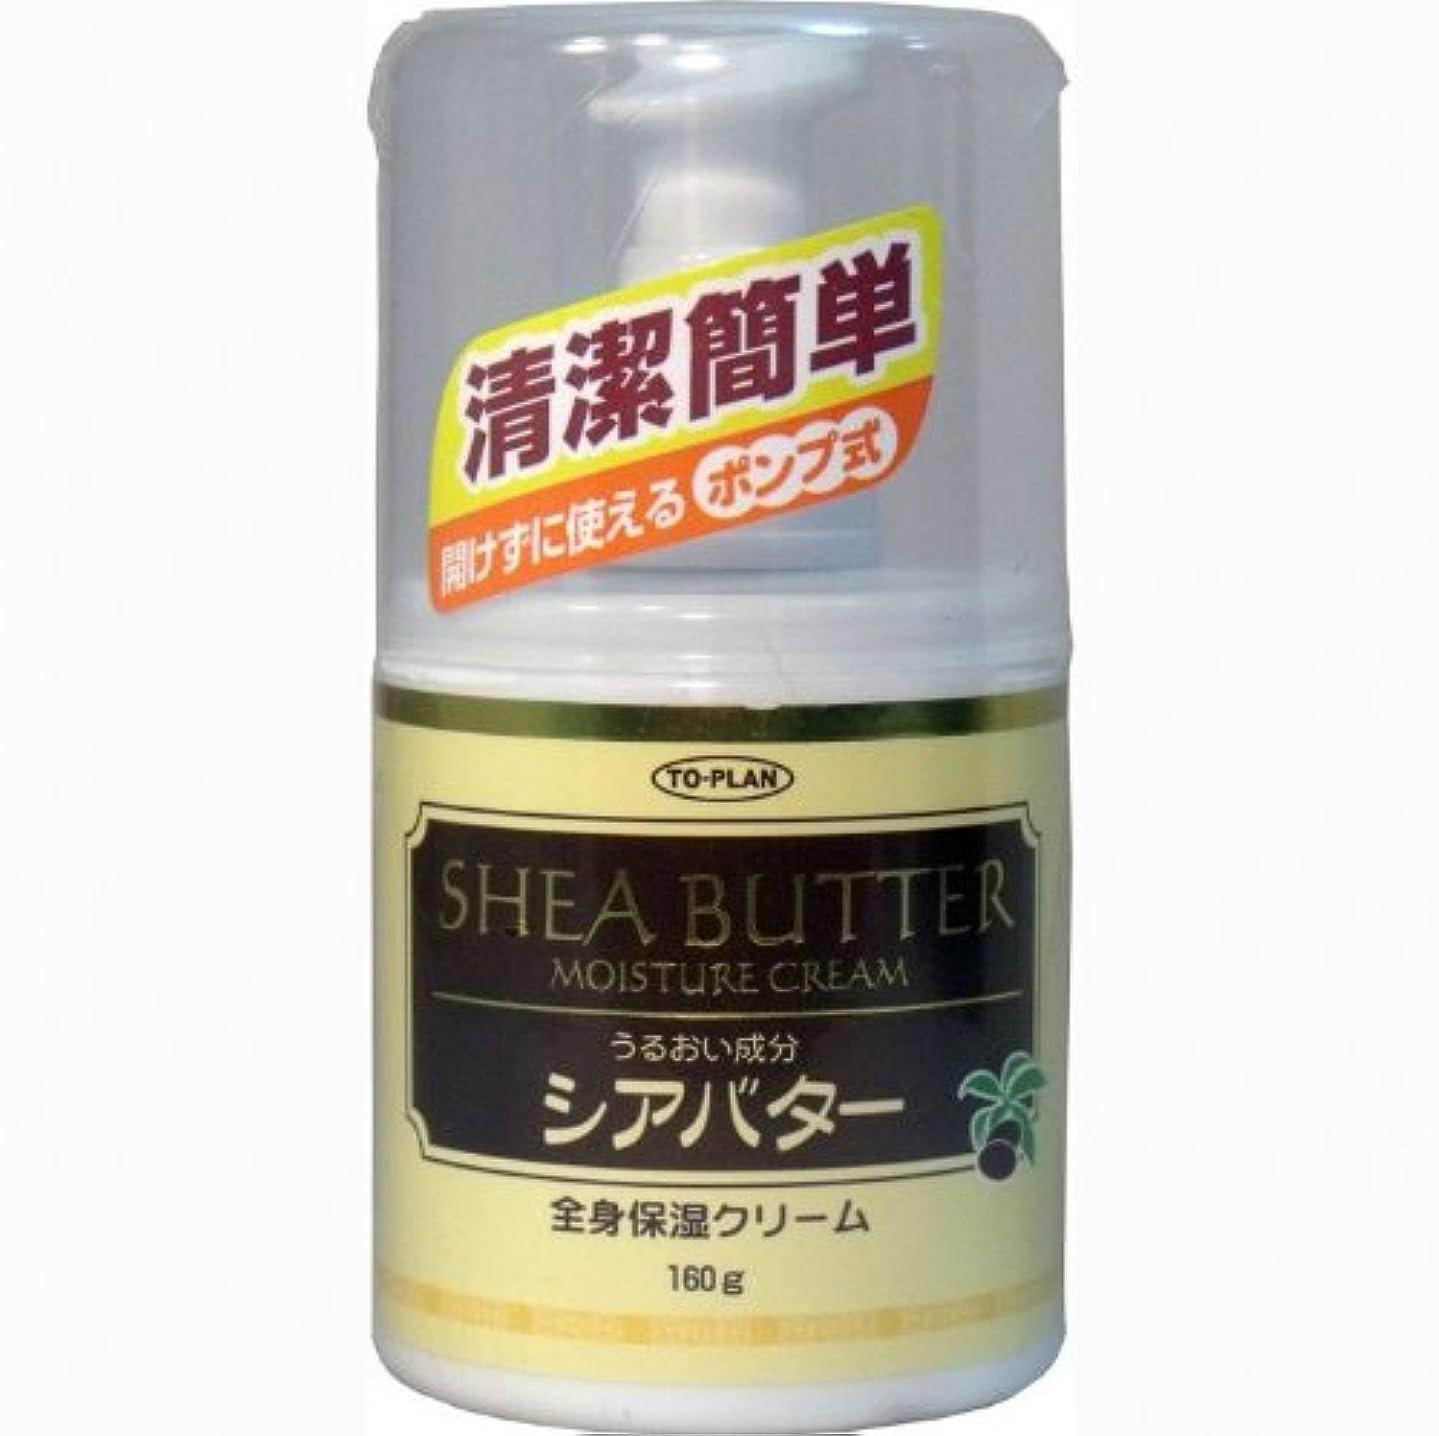 添加顧問オリエントトプラン 全身保湿クリーム シアバター ポンプ式 160g